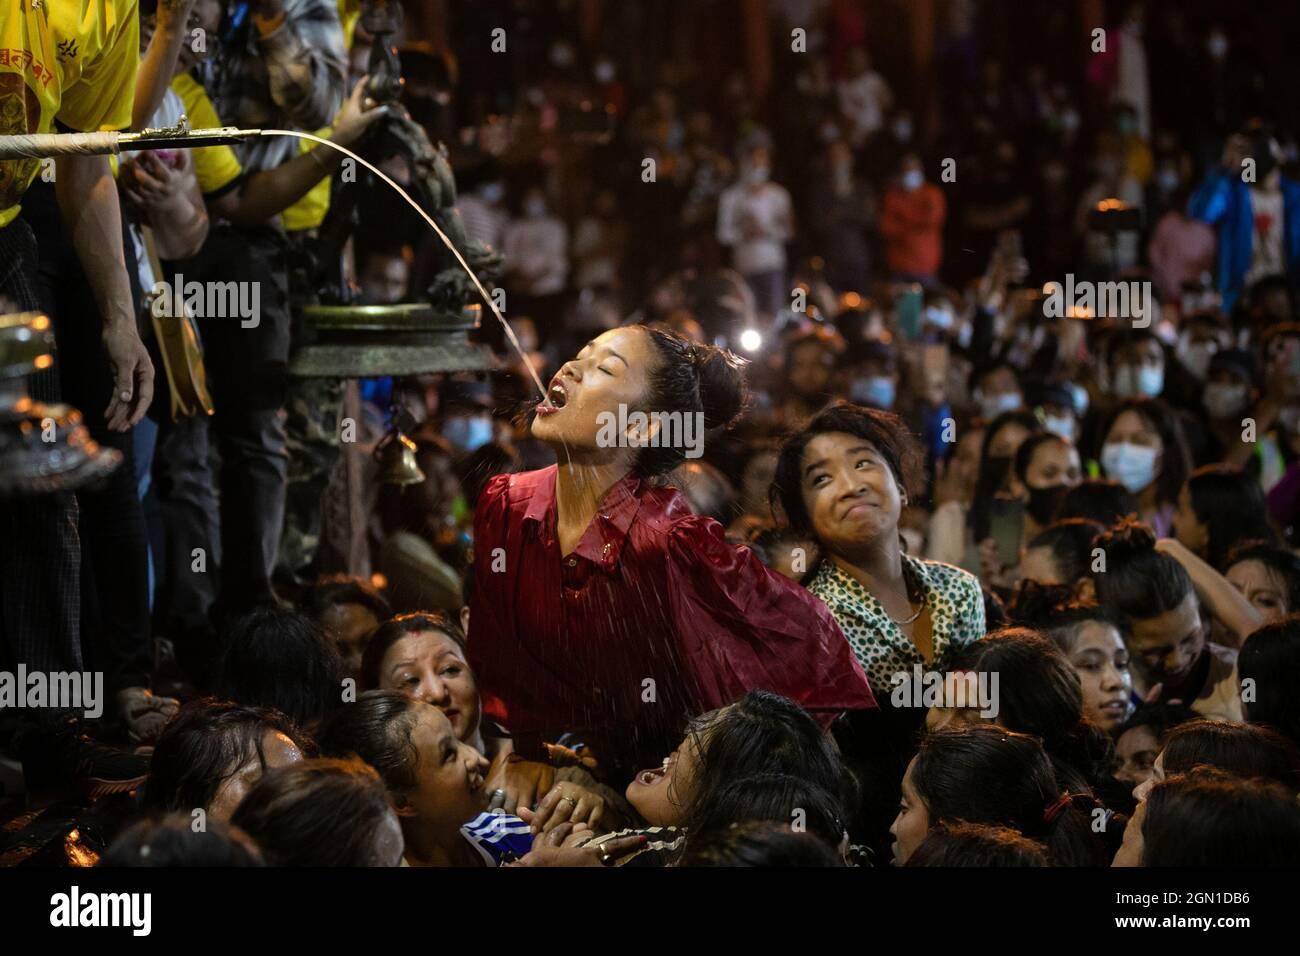 Kathmandu, Nepal. 21 settembre 2021. Le donne nepalesi lottano per bere l'alcool fatto in casa dalla bocca della divinità Swet Bhairav come benedizioni durante Indra Jatra festival.The festival annuale, chiamato dopo Indra, il dio della pioggia e del cielo, è celebrato da adorazione, gioire, cantare, ballare e feste nella valle di Kathmandu per segnare la fine della stagione monsone. Indra, la dea vivente Kumari e altre divinità sono adorate durante il festival. Credit: SOPA Images Limited/Alamy Live News Foto Stock